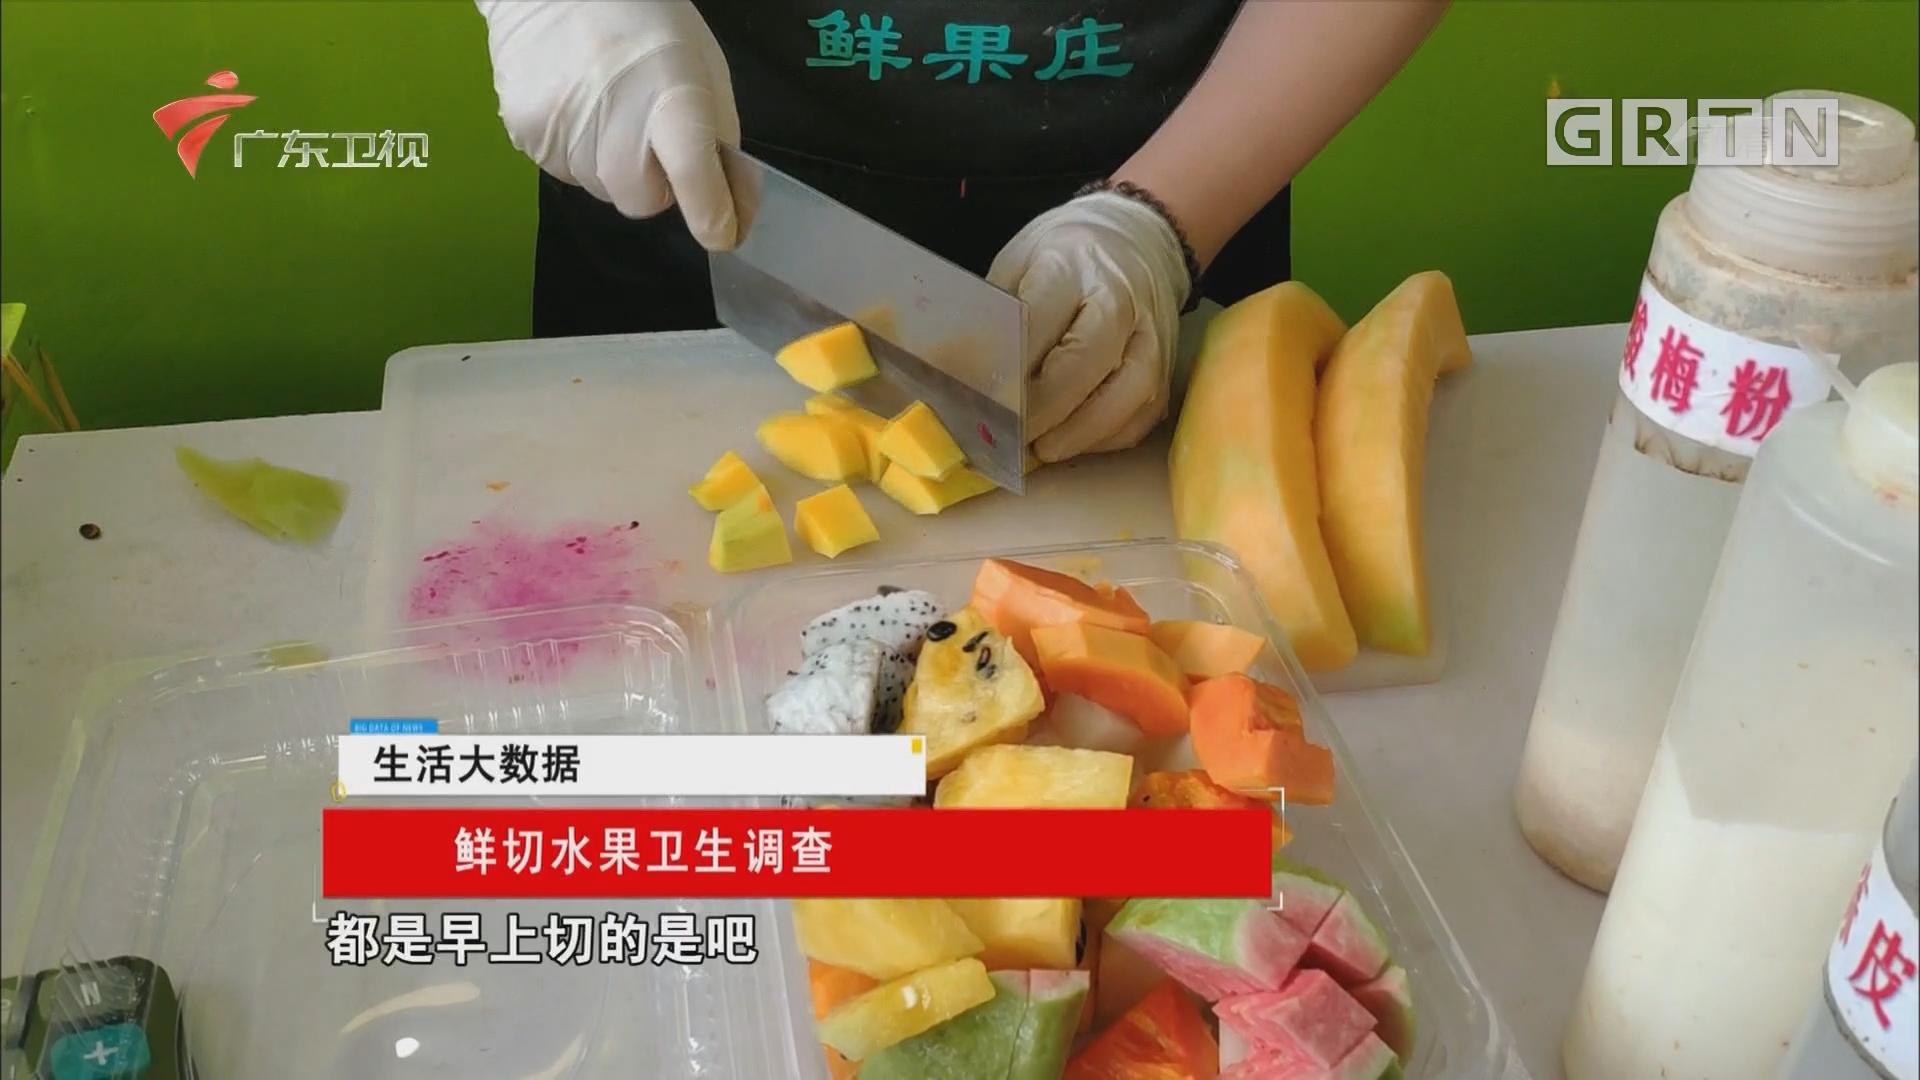 鲜切水果卫生调查